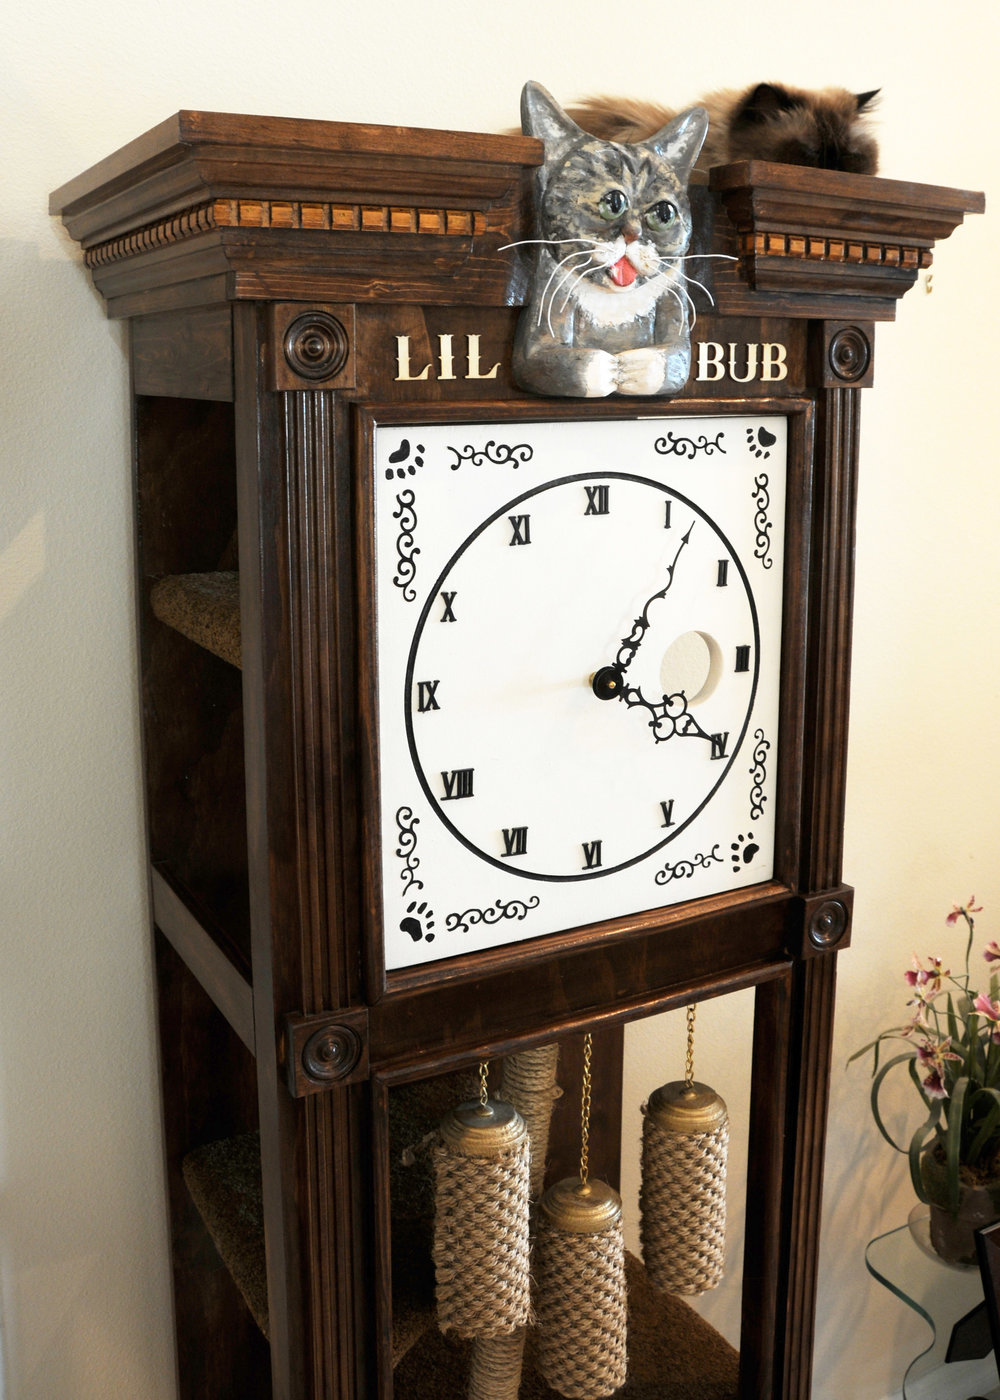 Sq-Paws-Bub-Clock-003.JPG